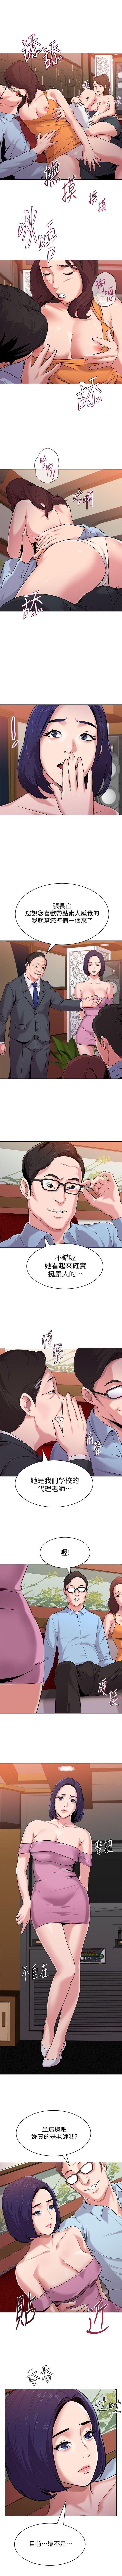 老師 1-80 官方中文(連載中) 49